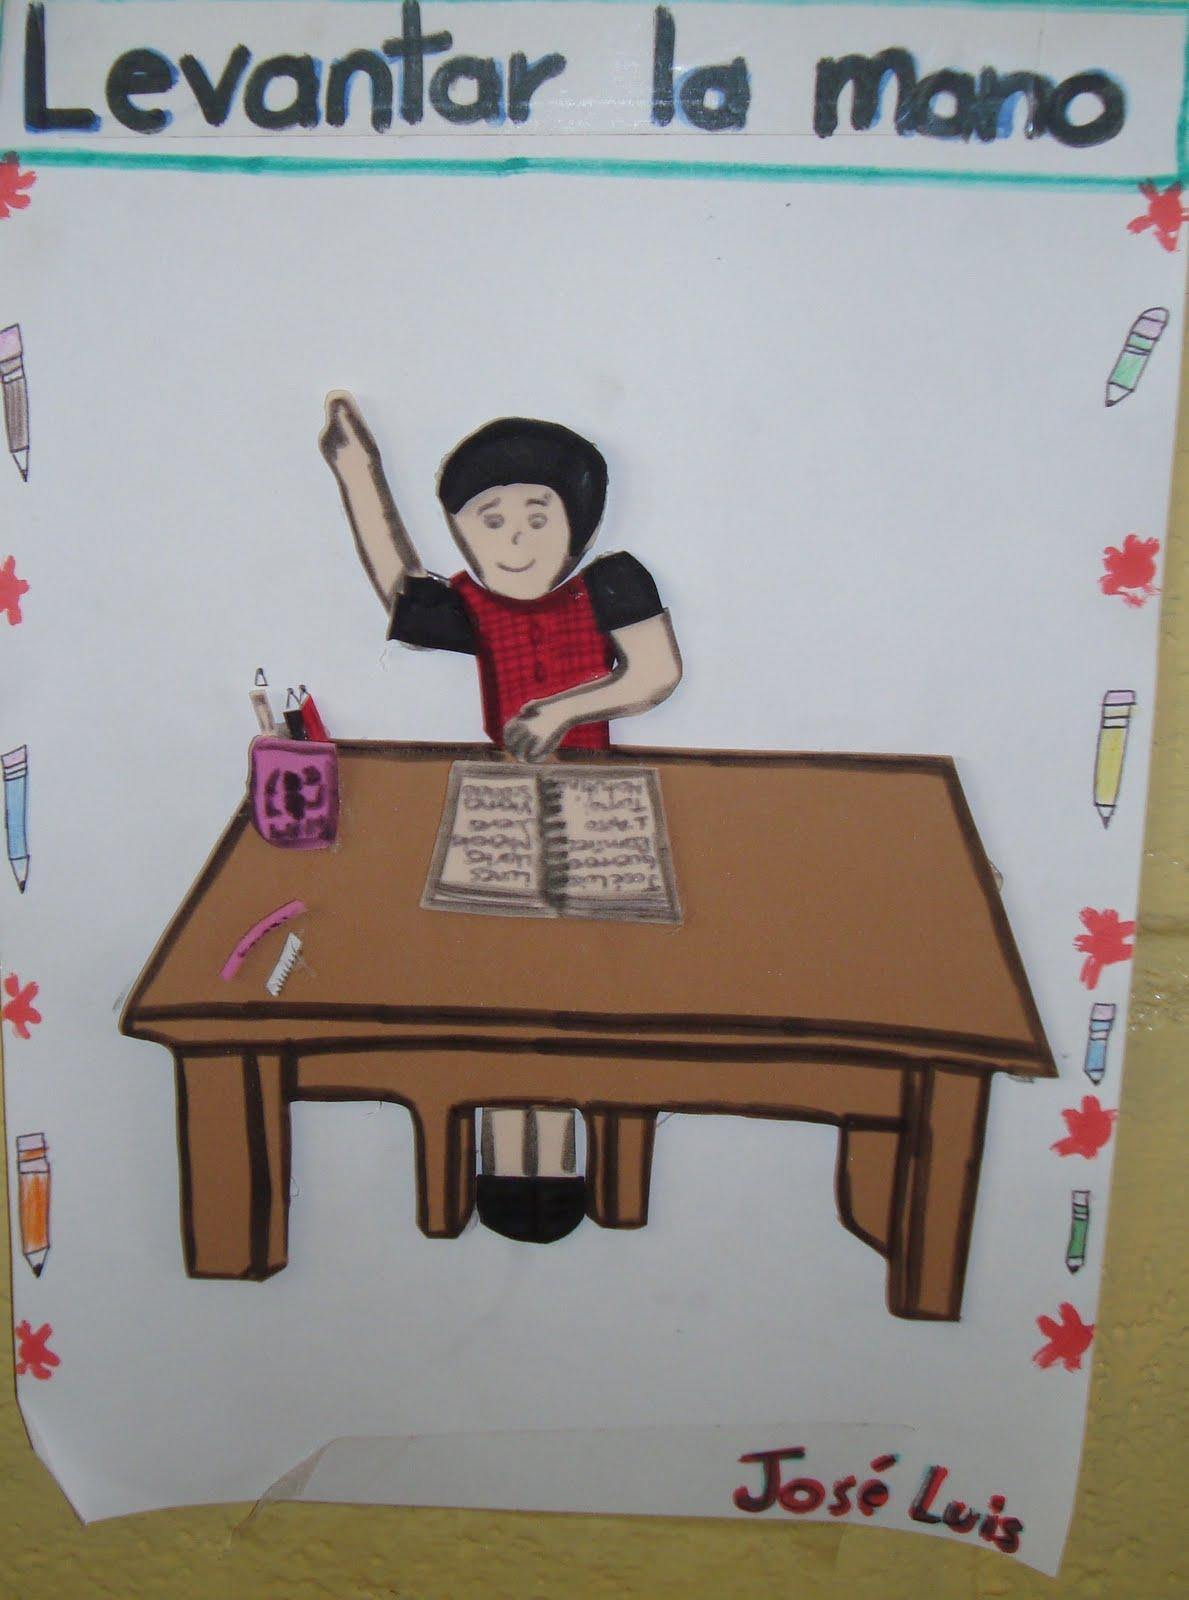 Esc prim f lix g lozano t m carteles de primer grado for 10 reglas para el salon de clases en ingles